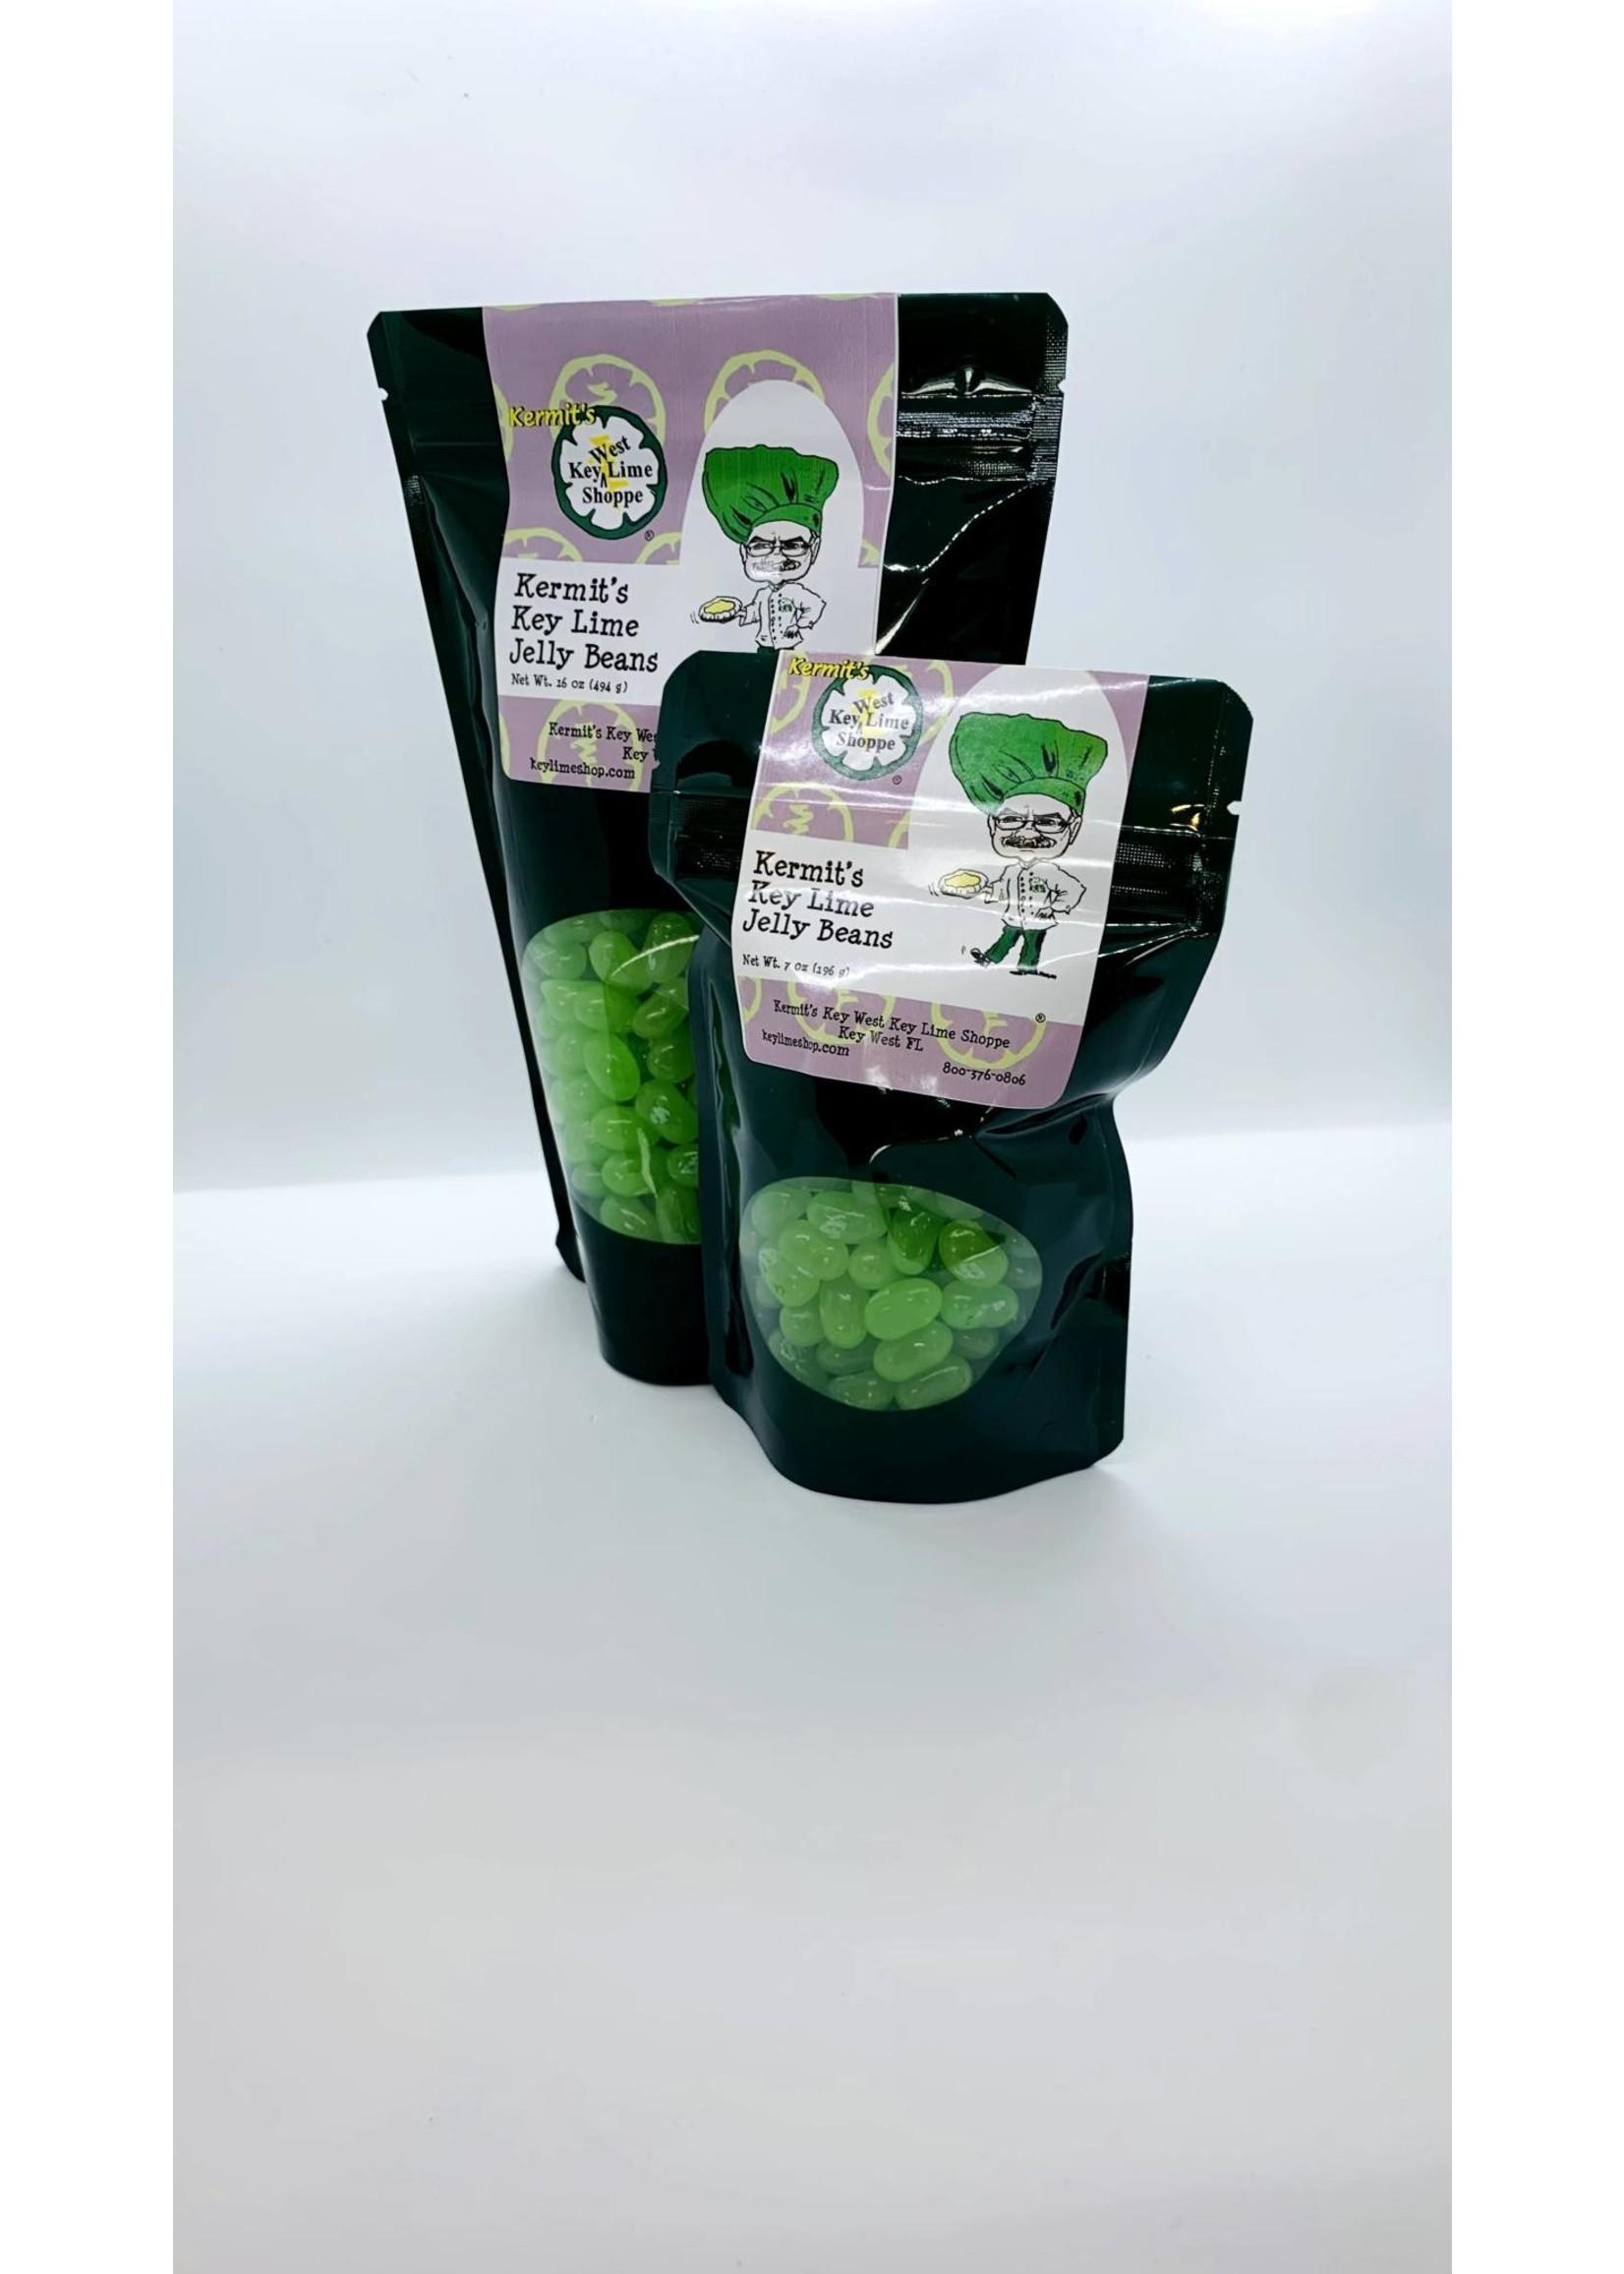 Kermit's Key Lime Jelly Beans